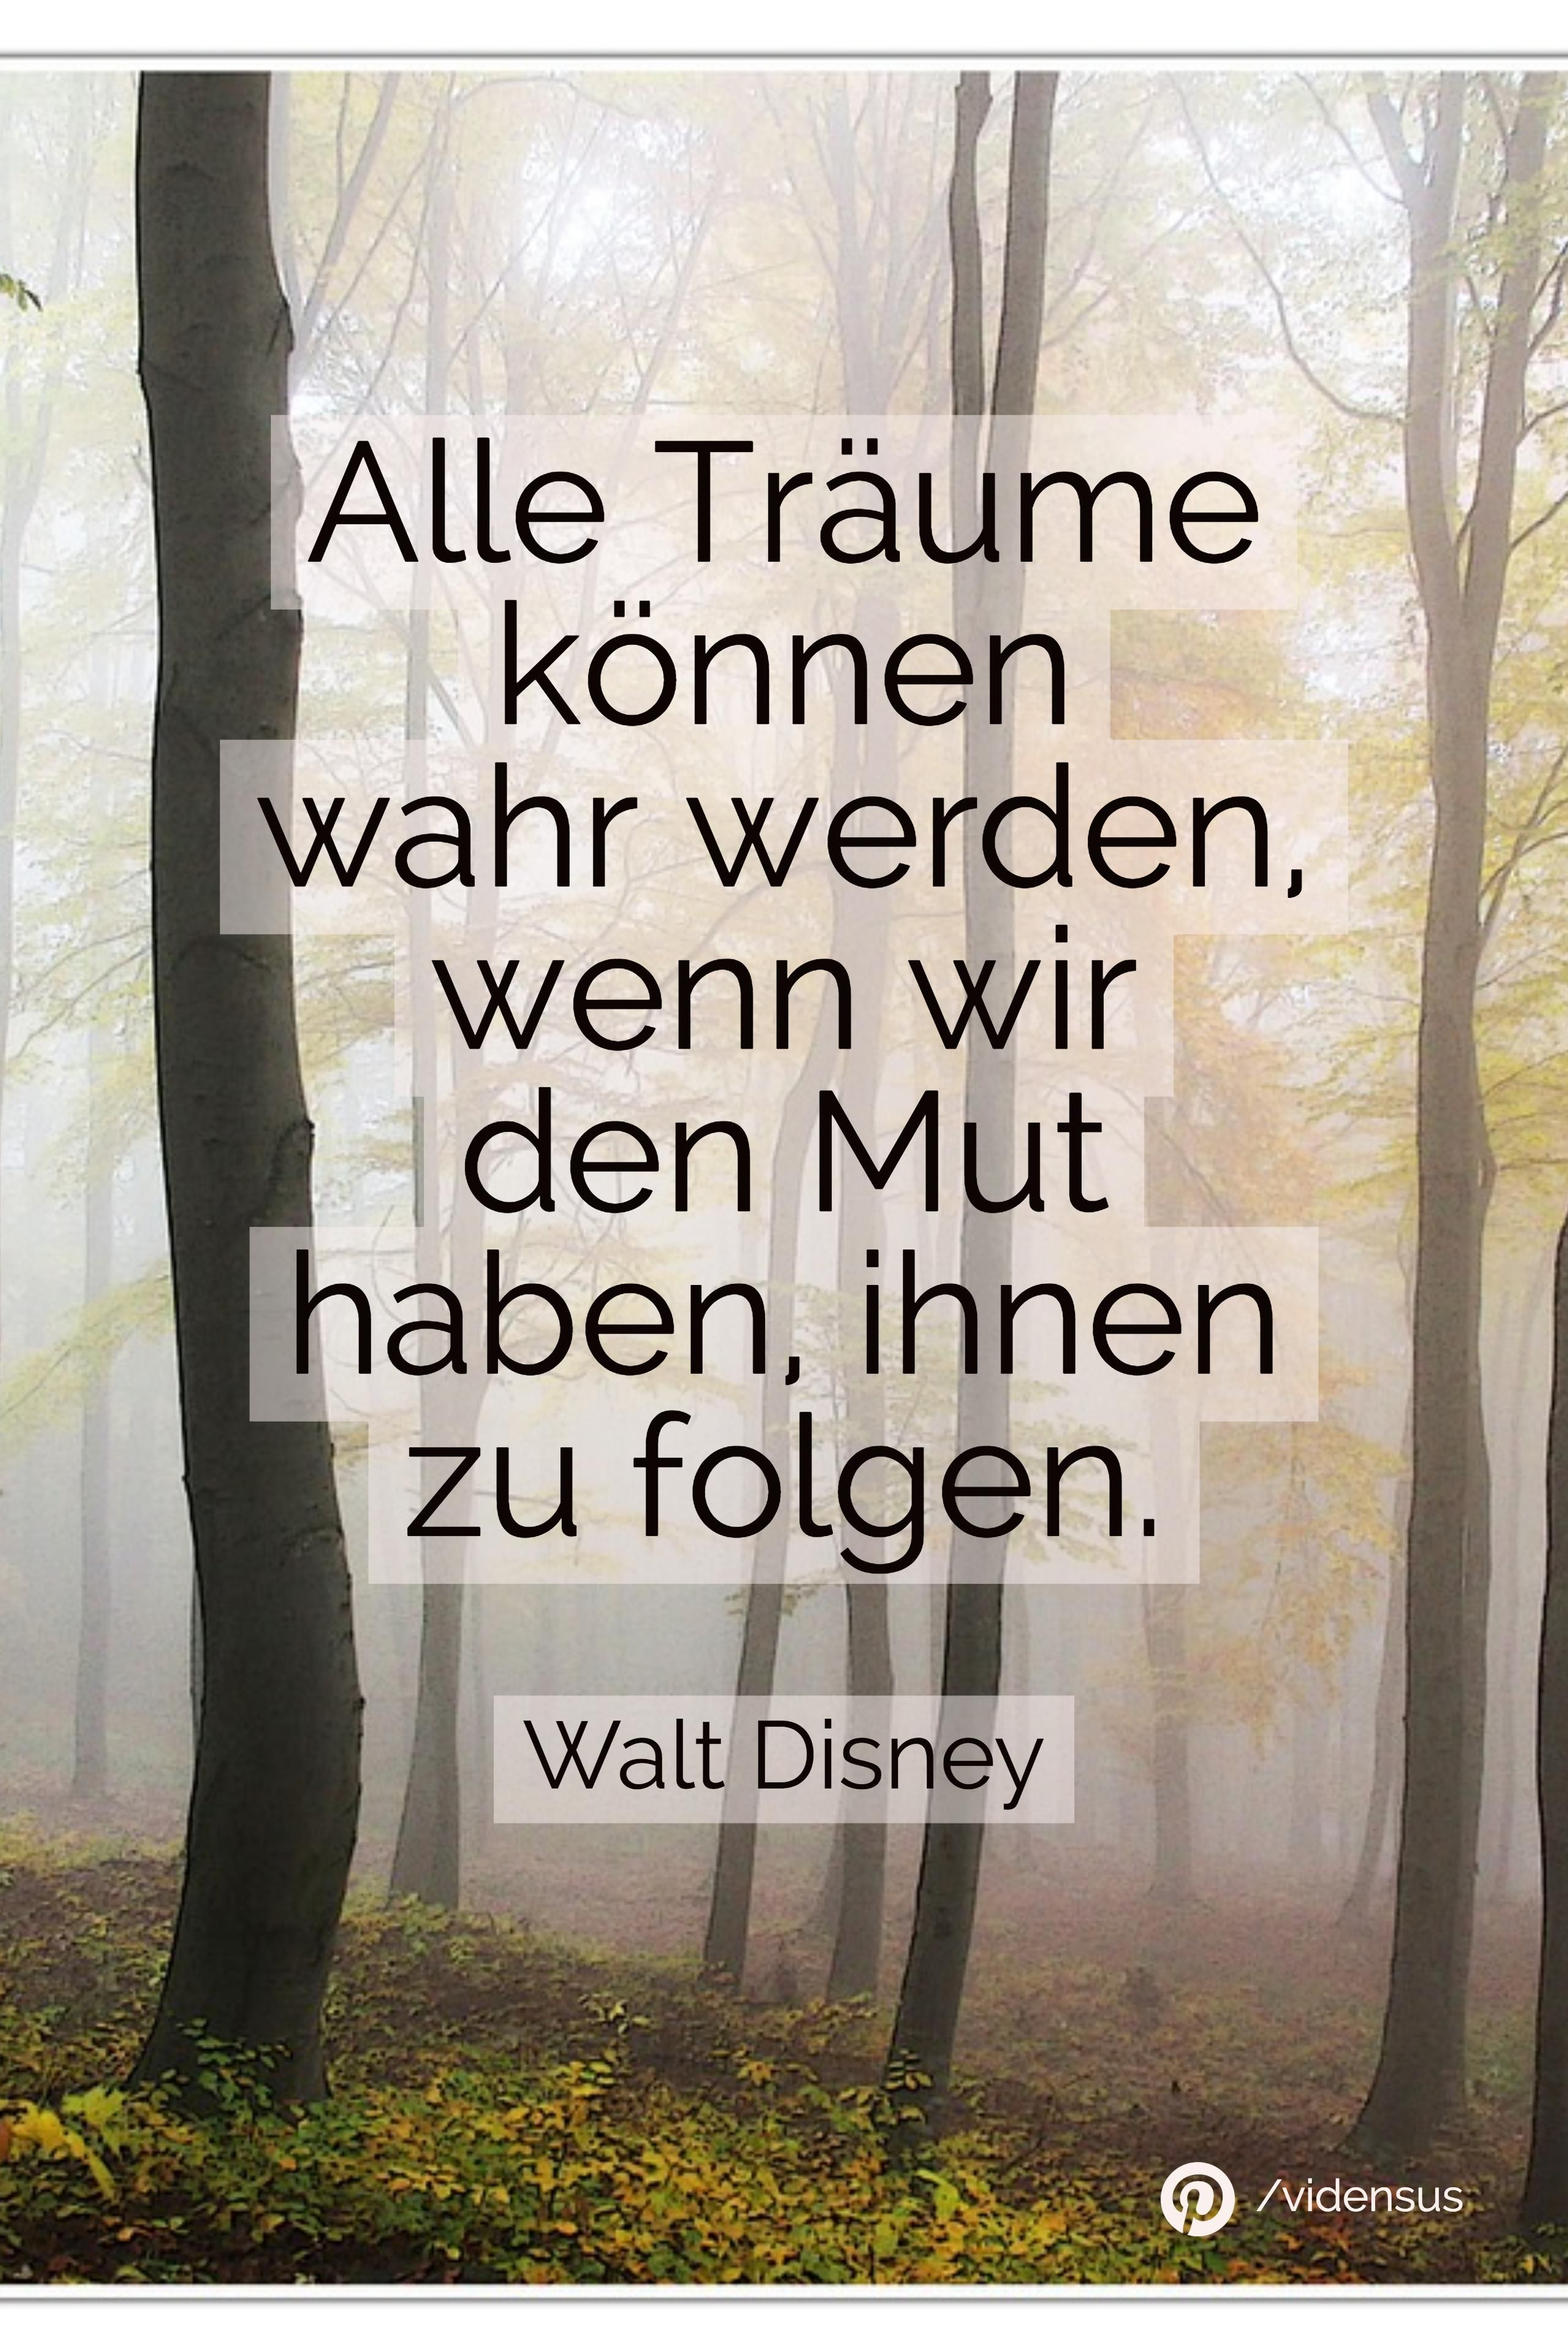 #träume #mut #traum #sprichwort #sprüche #weisheiten